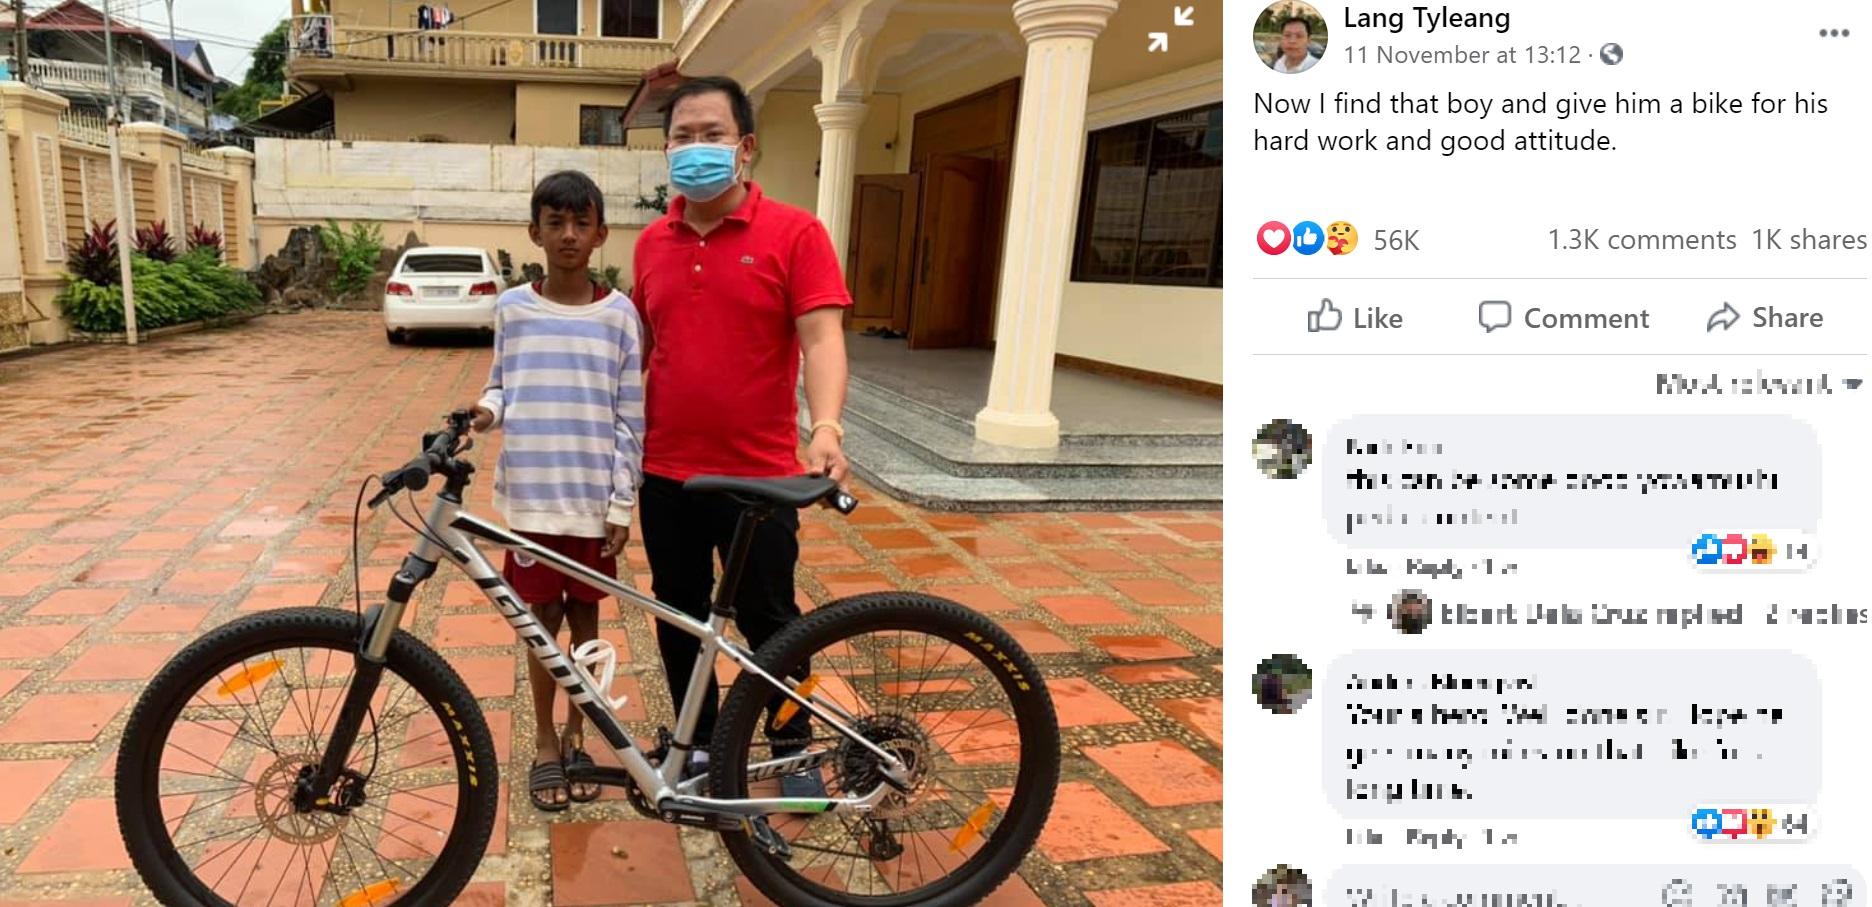 テアラ君に新品のマウンテンバイクを贈ったラングさん(画像は『Lang Tyleang 2020年11月11日付Facebook「Now I find that boy and give him a bike for his hard work and good attitude.」』のスクリーンショット)